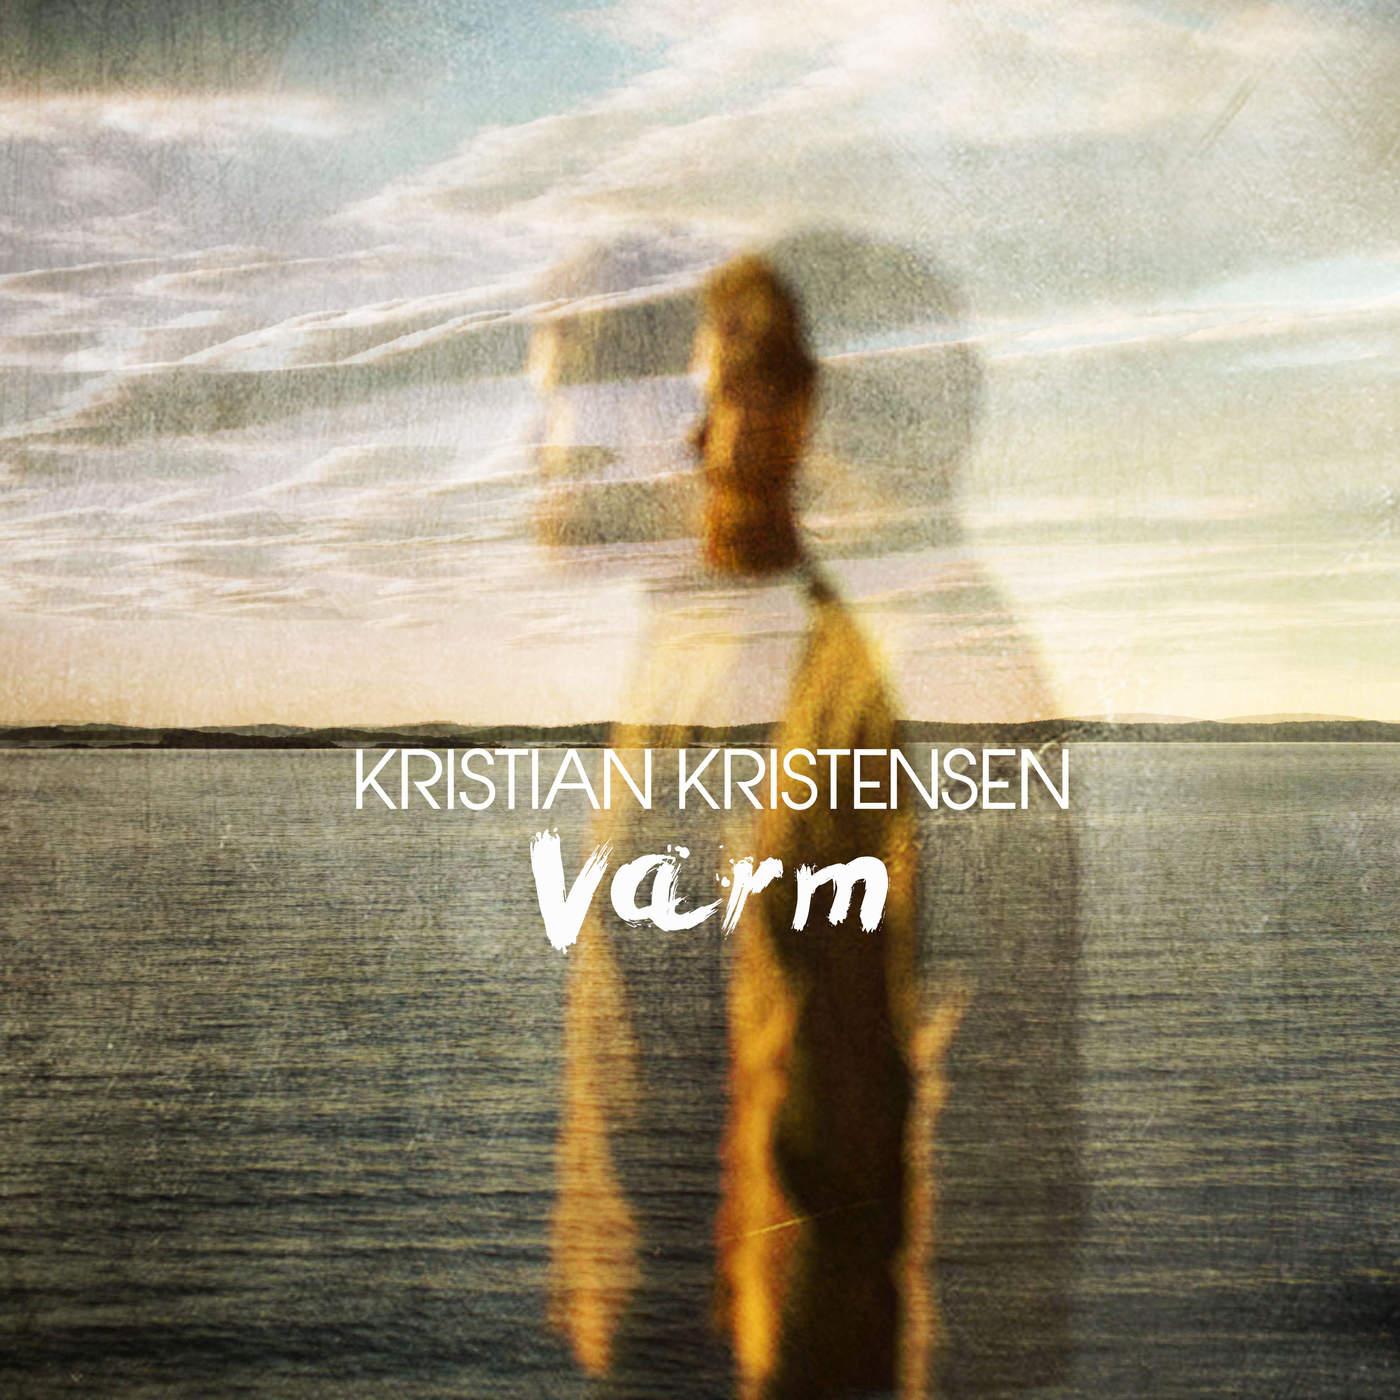 KK - Varm - Single (cover).jpg